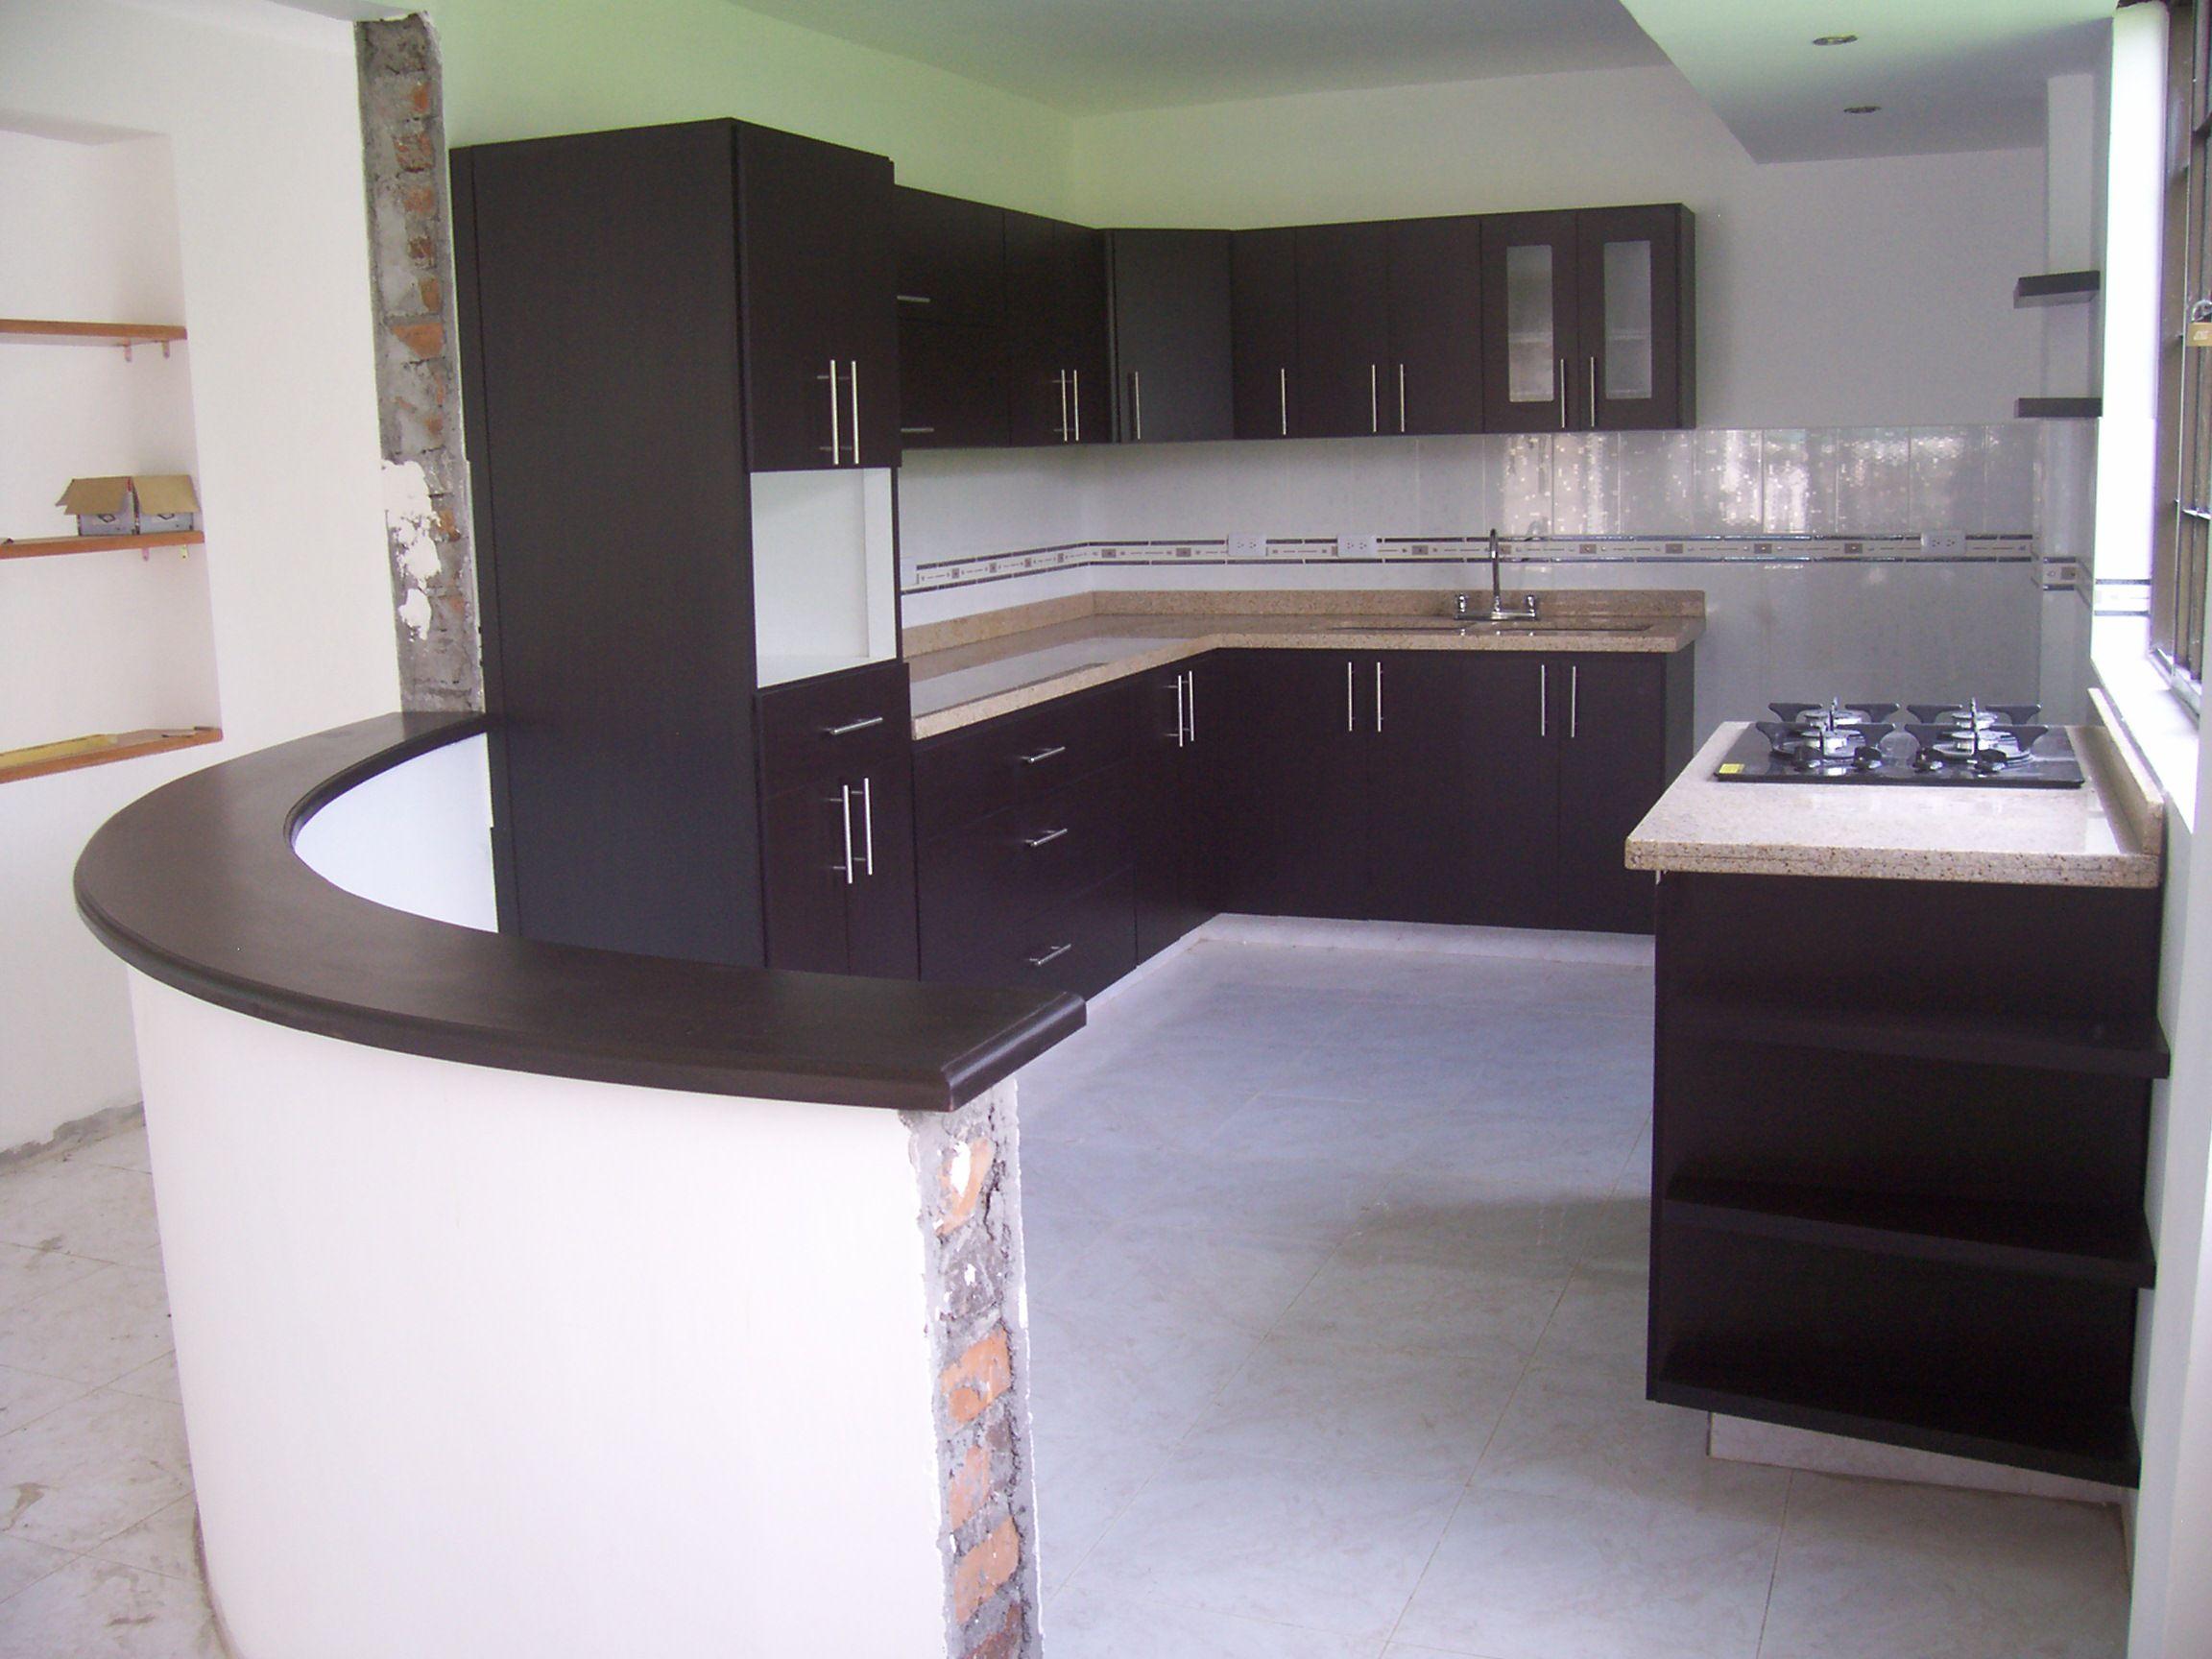 Pereira Fabricada por C&G Arte y Decoración: Cocina con ...